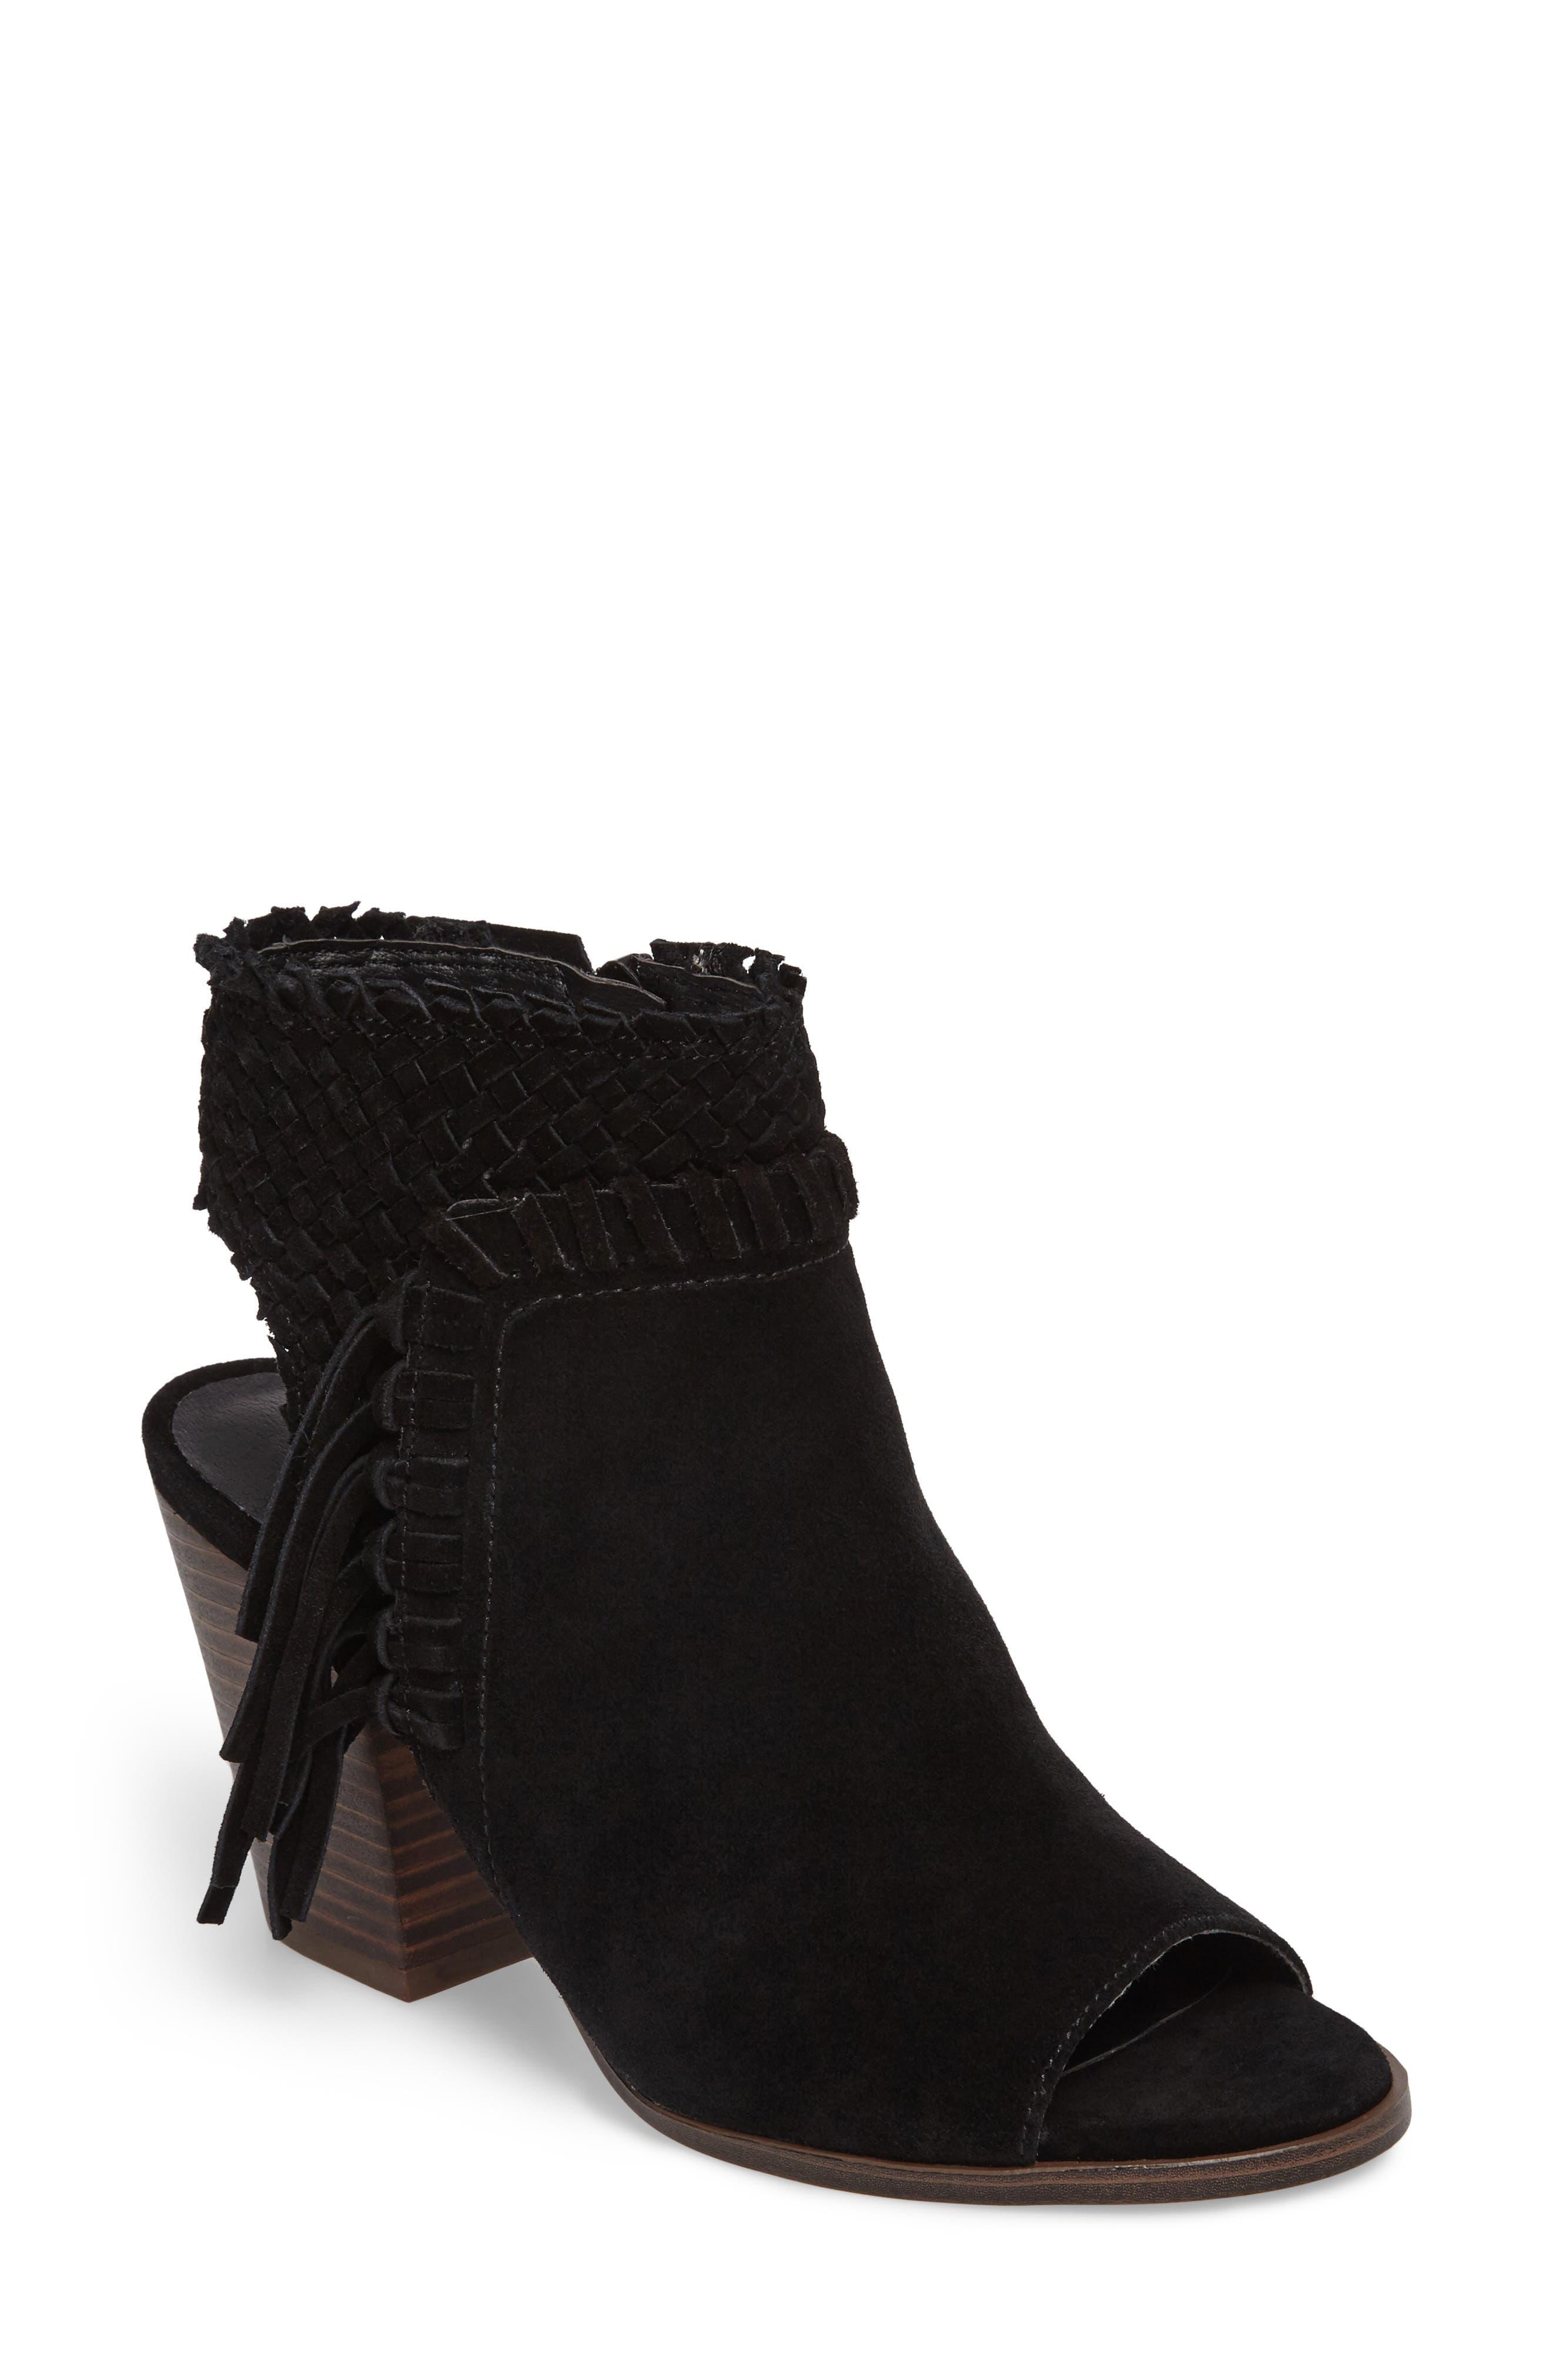 Ointlee Fringe Bootie Sandal,                         Main,                         color, Black Suede